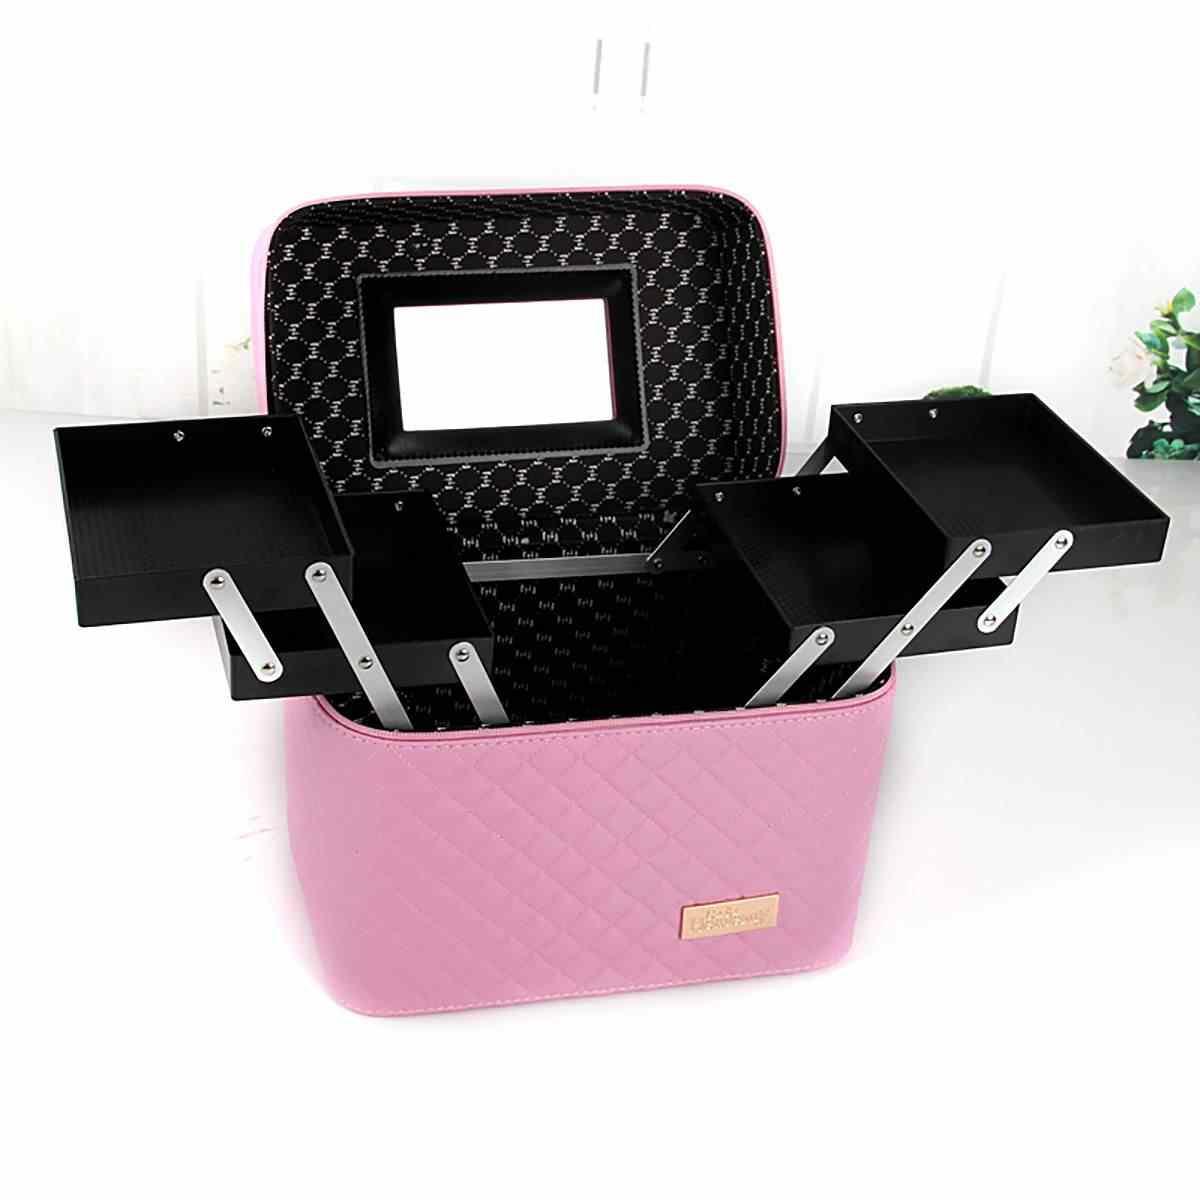 Kadın büyük kapasiteli profesyonel makyaj organizatör moda tuvalet kozmetik çantası çok katmanlı saklama kutusu taşınabilir güzel bavul